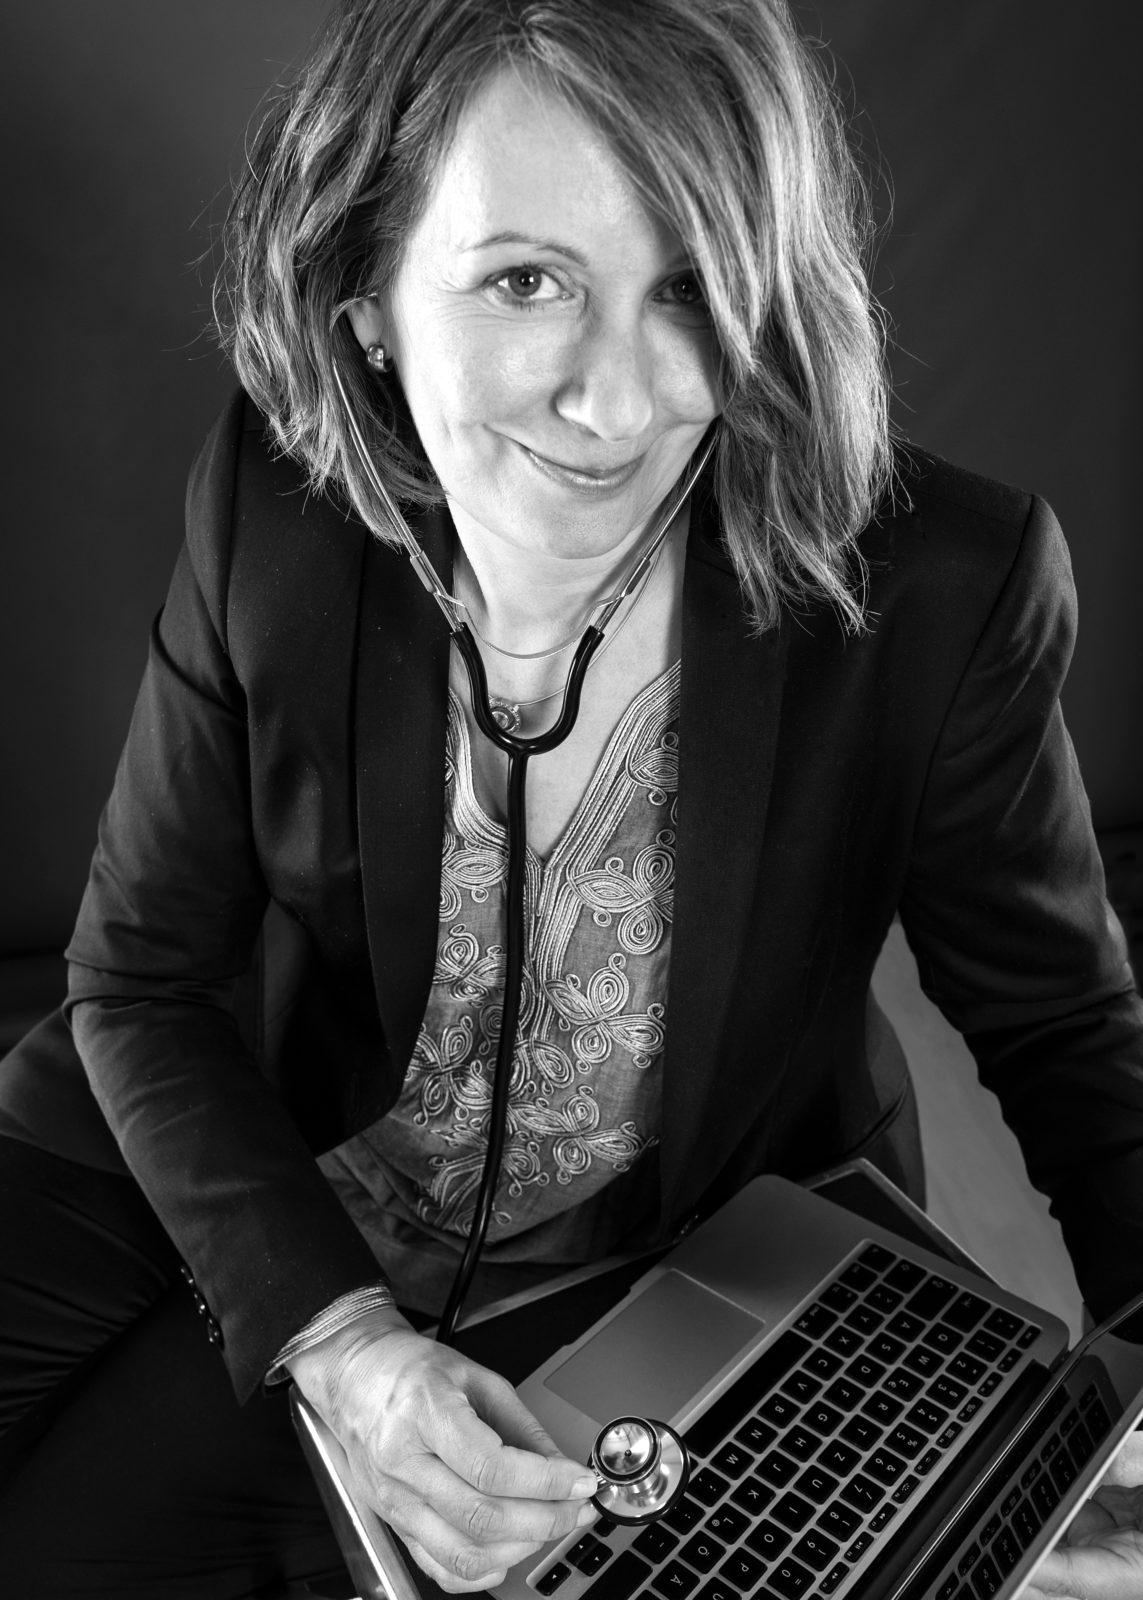 Kerstin Endele, Klinikkommunikation, Krisenkommunikation